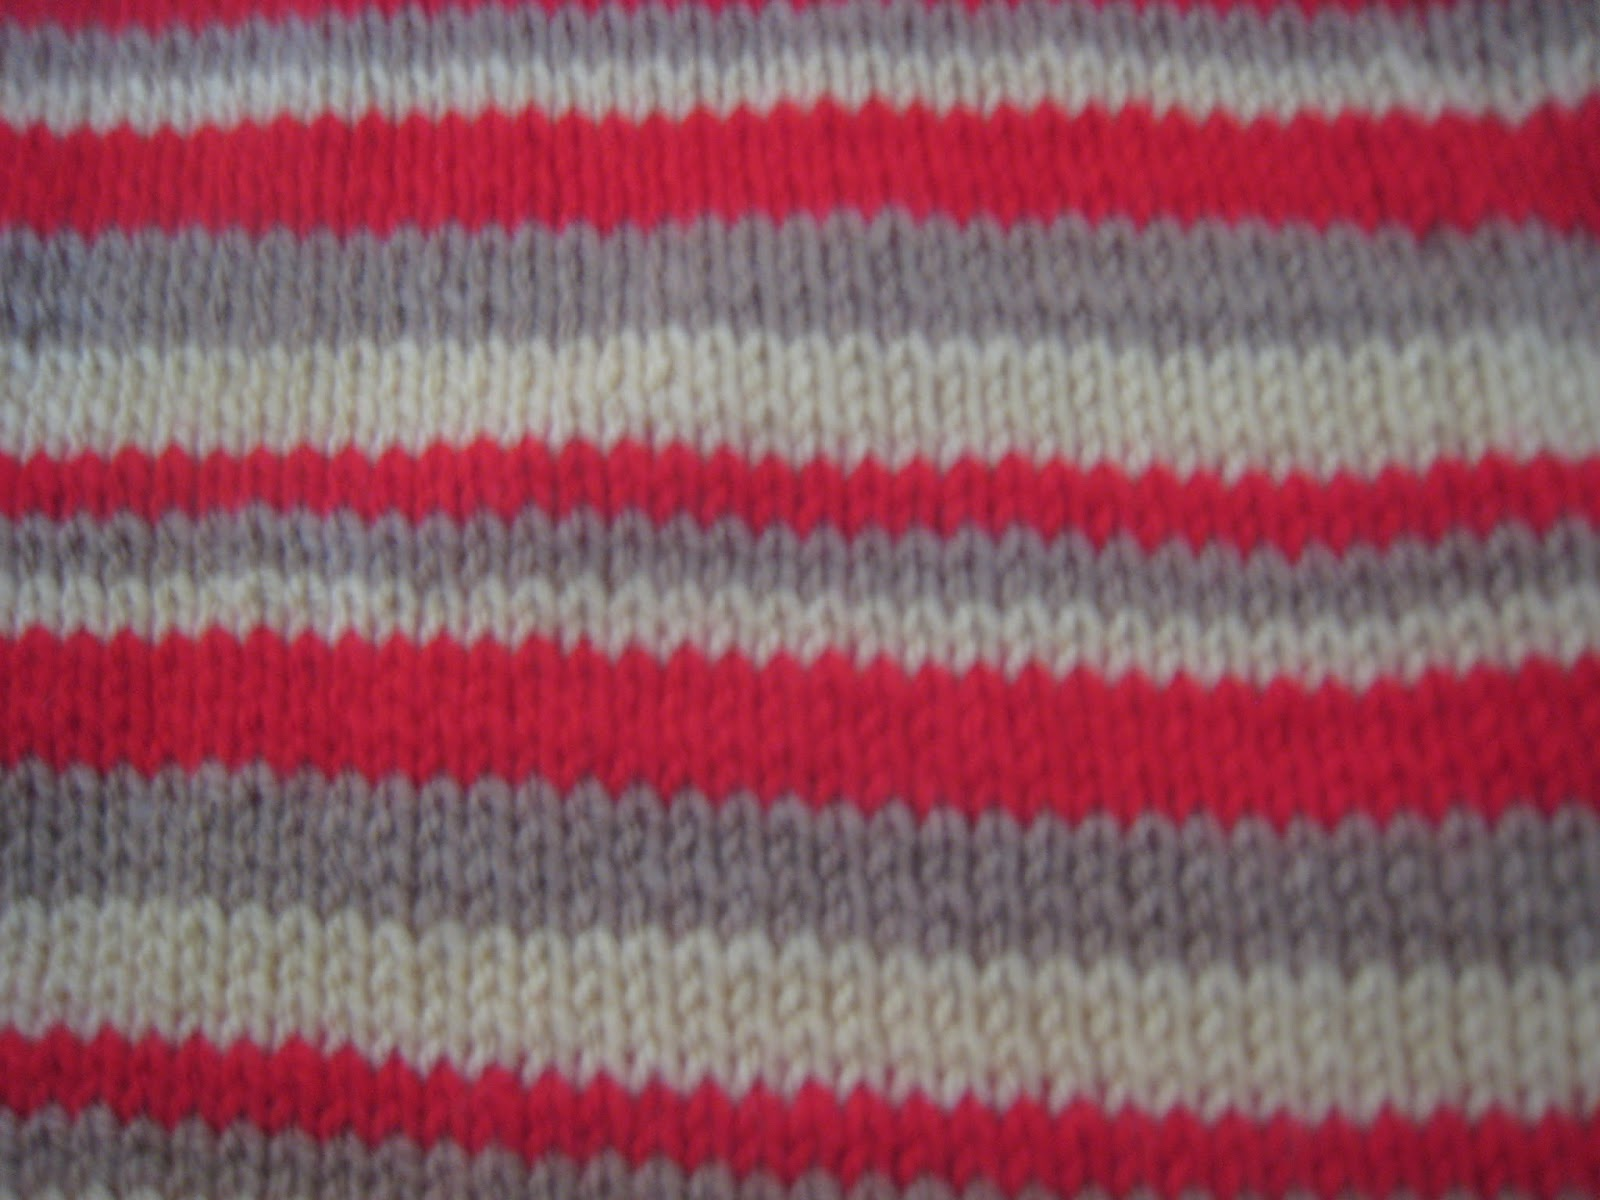 Knitting Yfwd Sl1 : Makes bakes and yummy stuff blaincéad mór agus beag